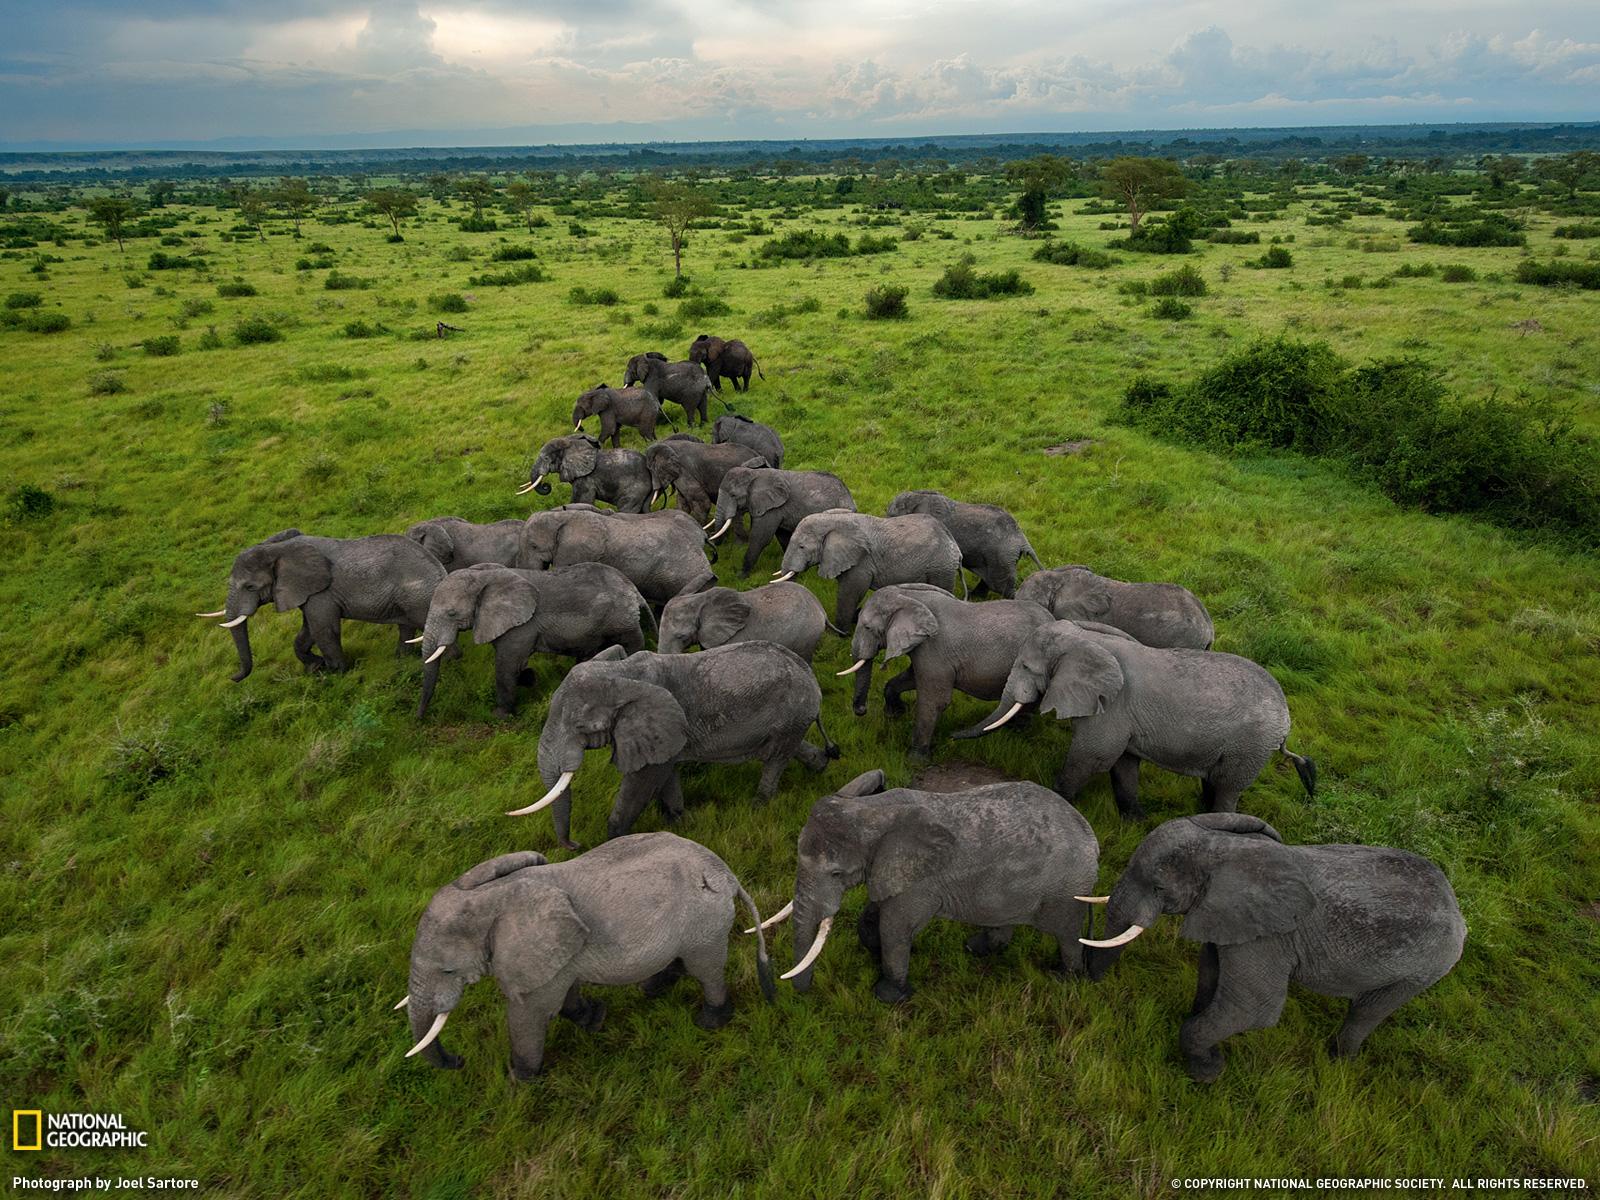 Éléphants en Ouganda